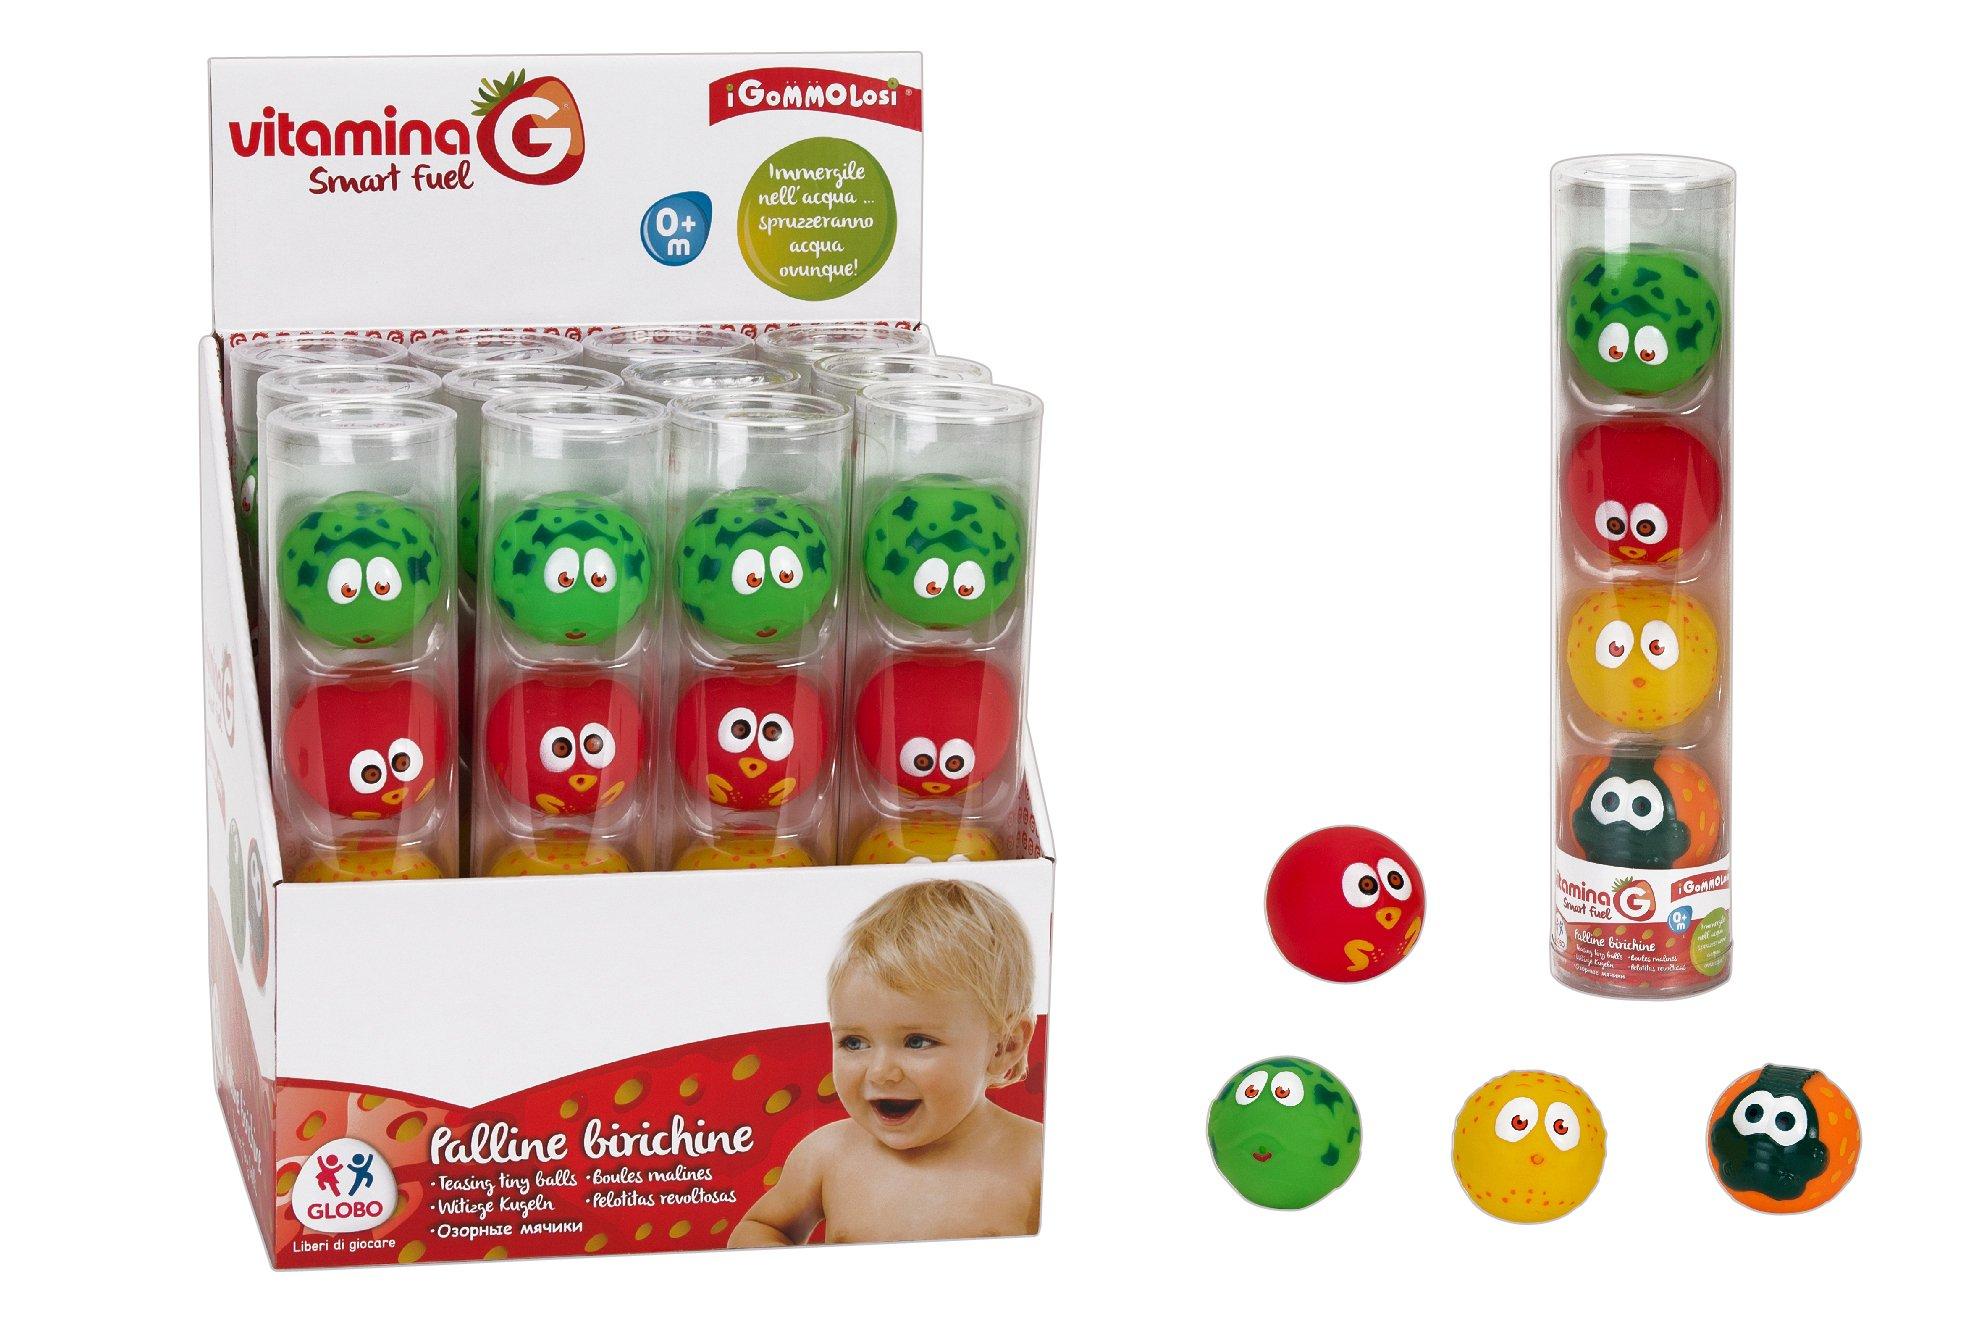 Globo 05213 Vitamina G 4 Pieces Gommolosi Ball Multi-Color